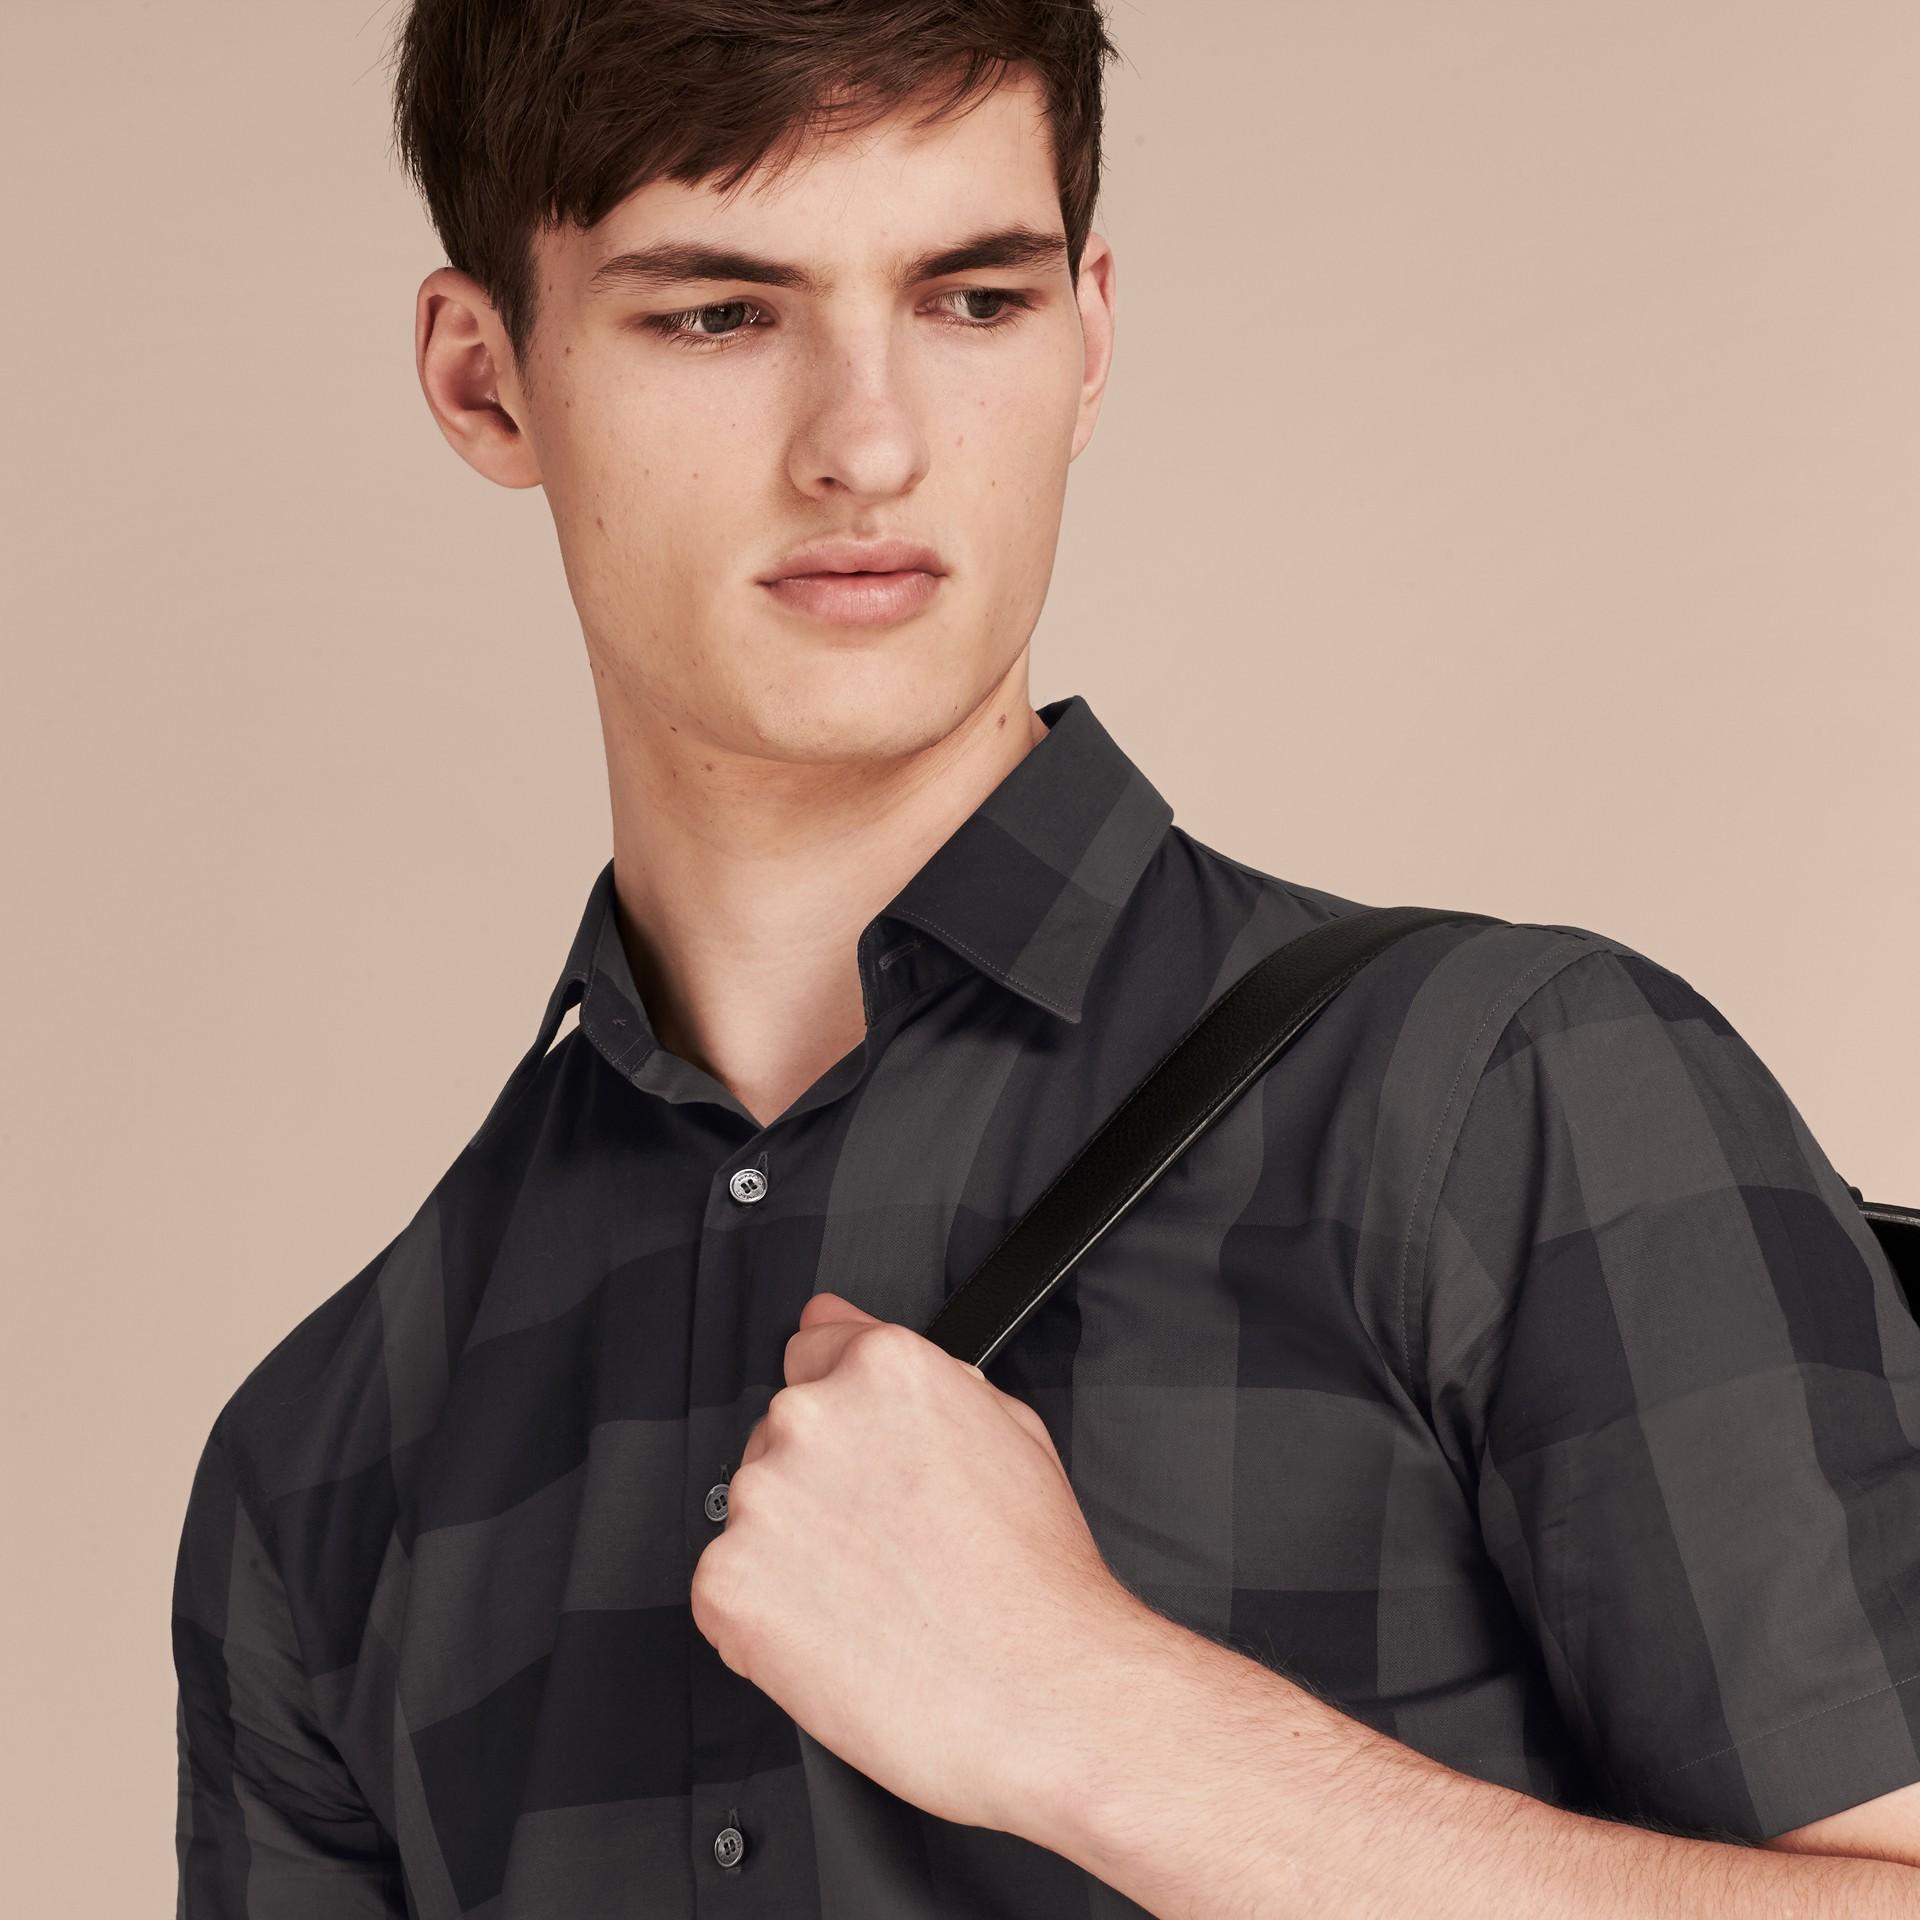 Charcoal Camisa de algodão com estampa xadrez e mangas curtas Charcoal - galeria de imagens 5